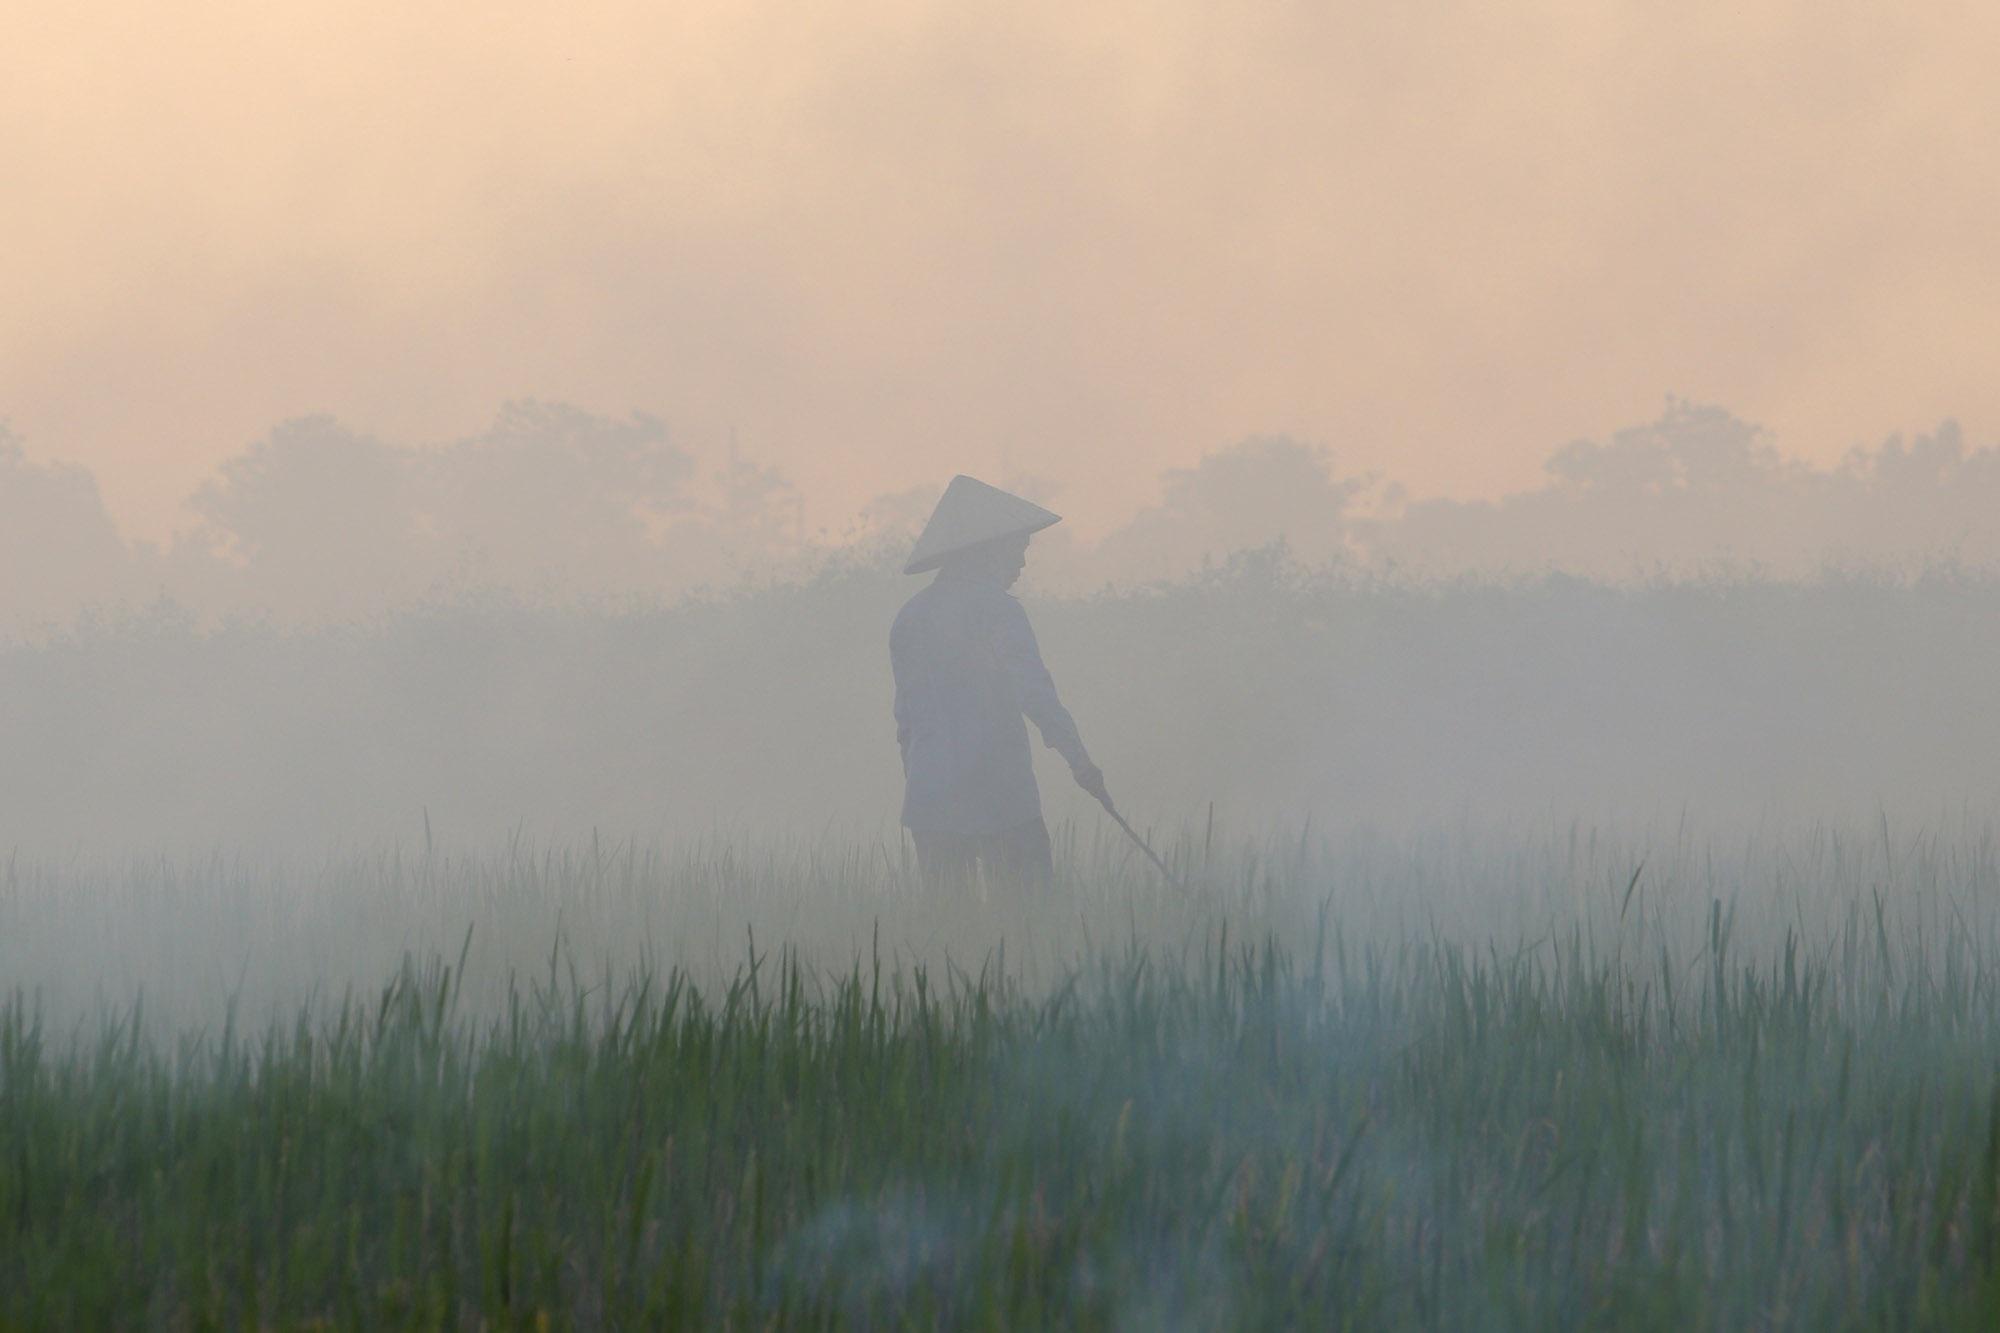 Cảnh khói trắng đặc quánh bao phủ cửa ngõ Hà Nội - 4